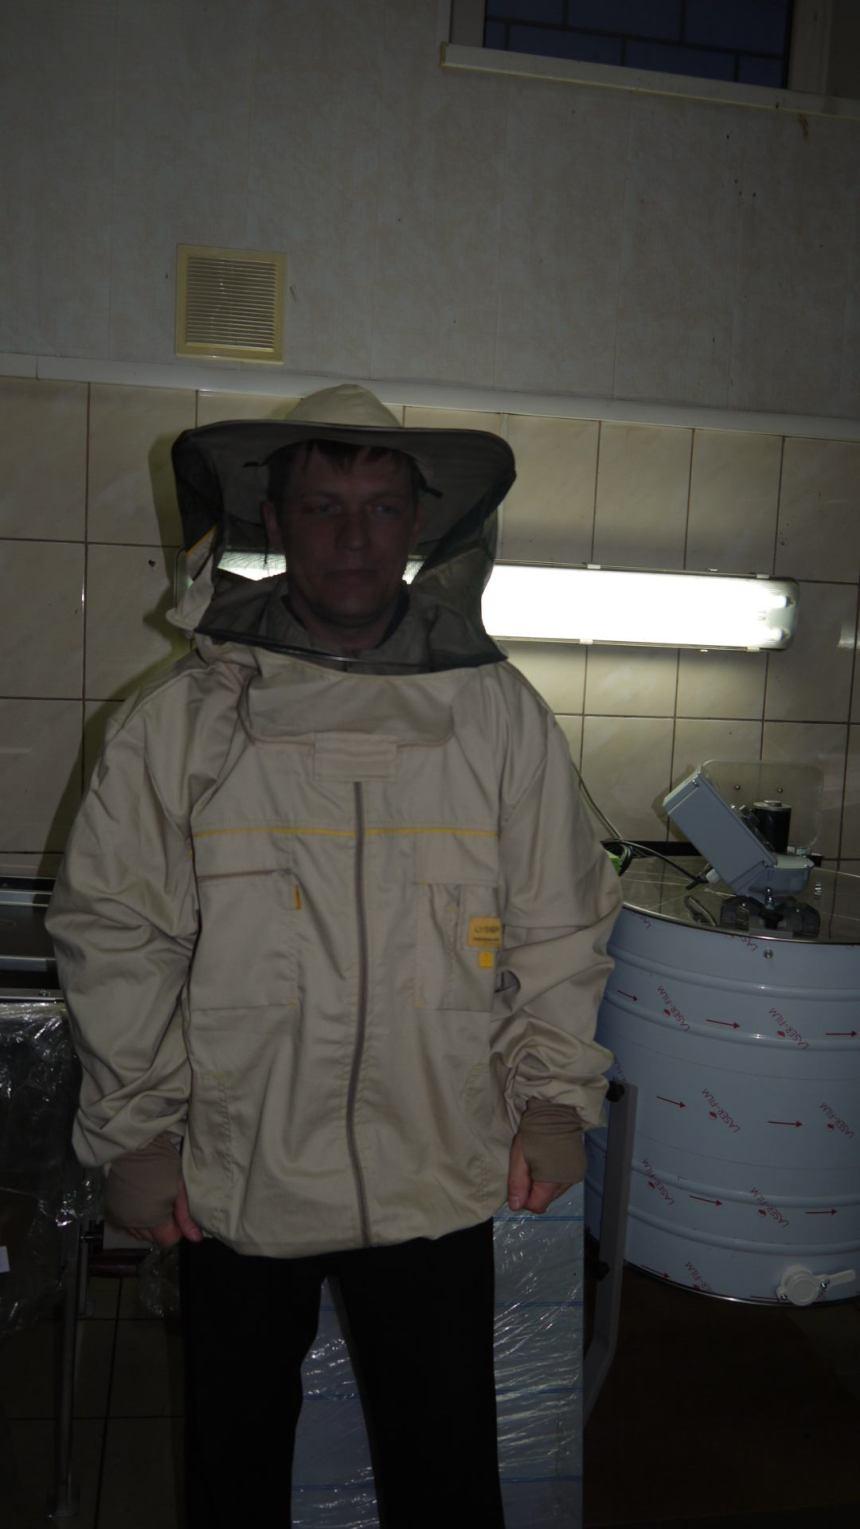 костюм пчеловода Лысонь